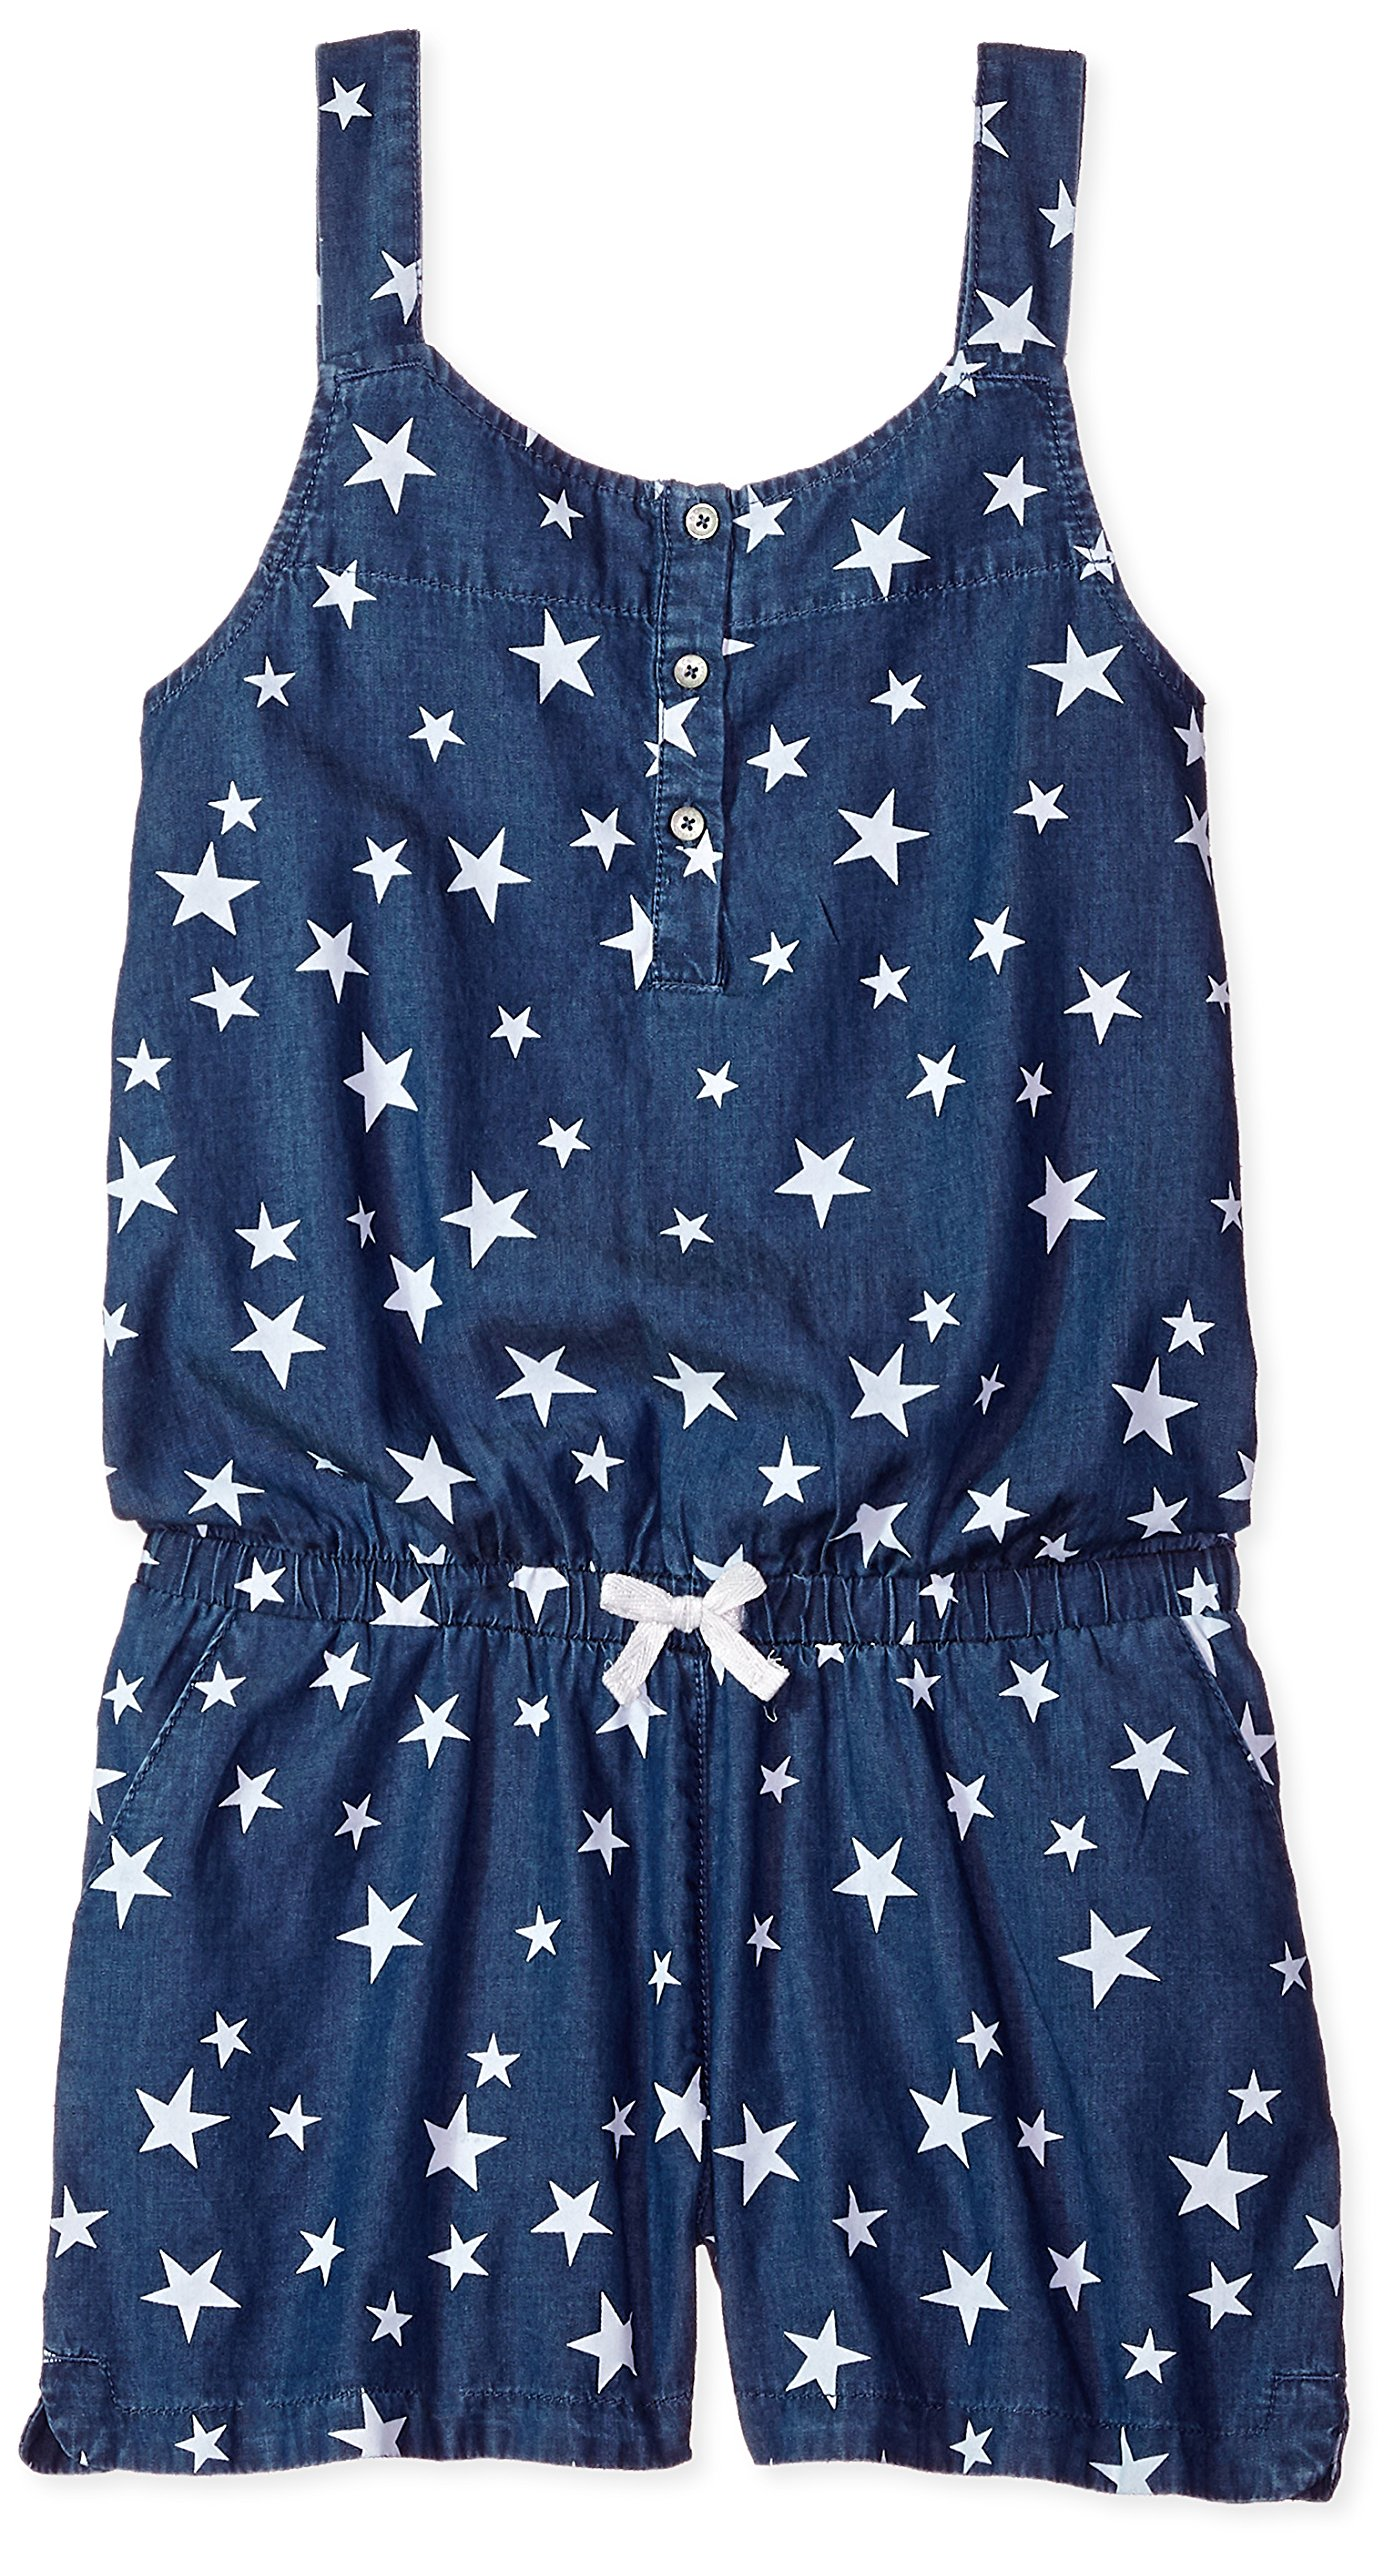 Levi's Big Girls' Romper, Blue Winds Stars, XL